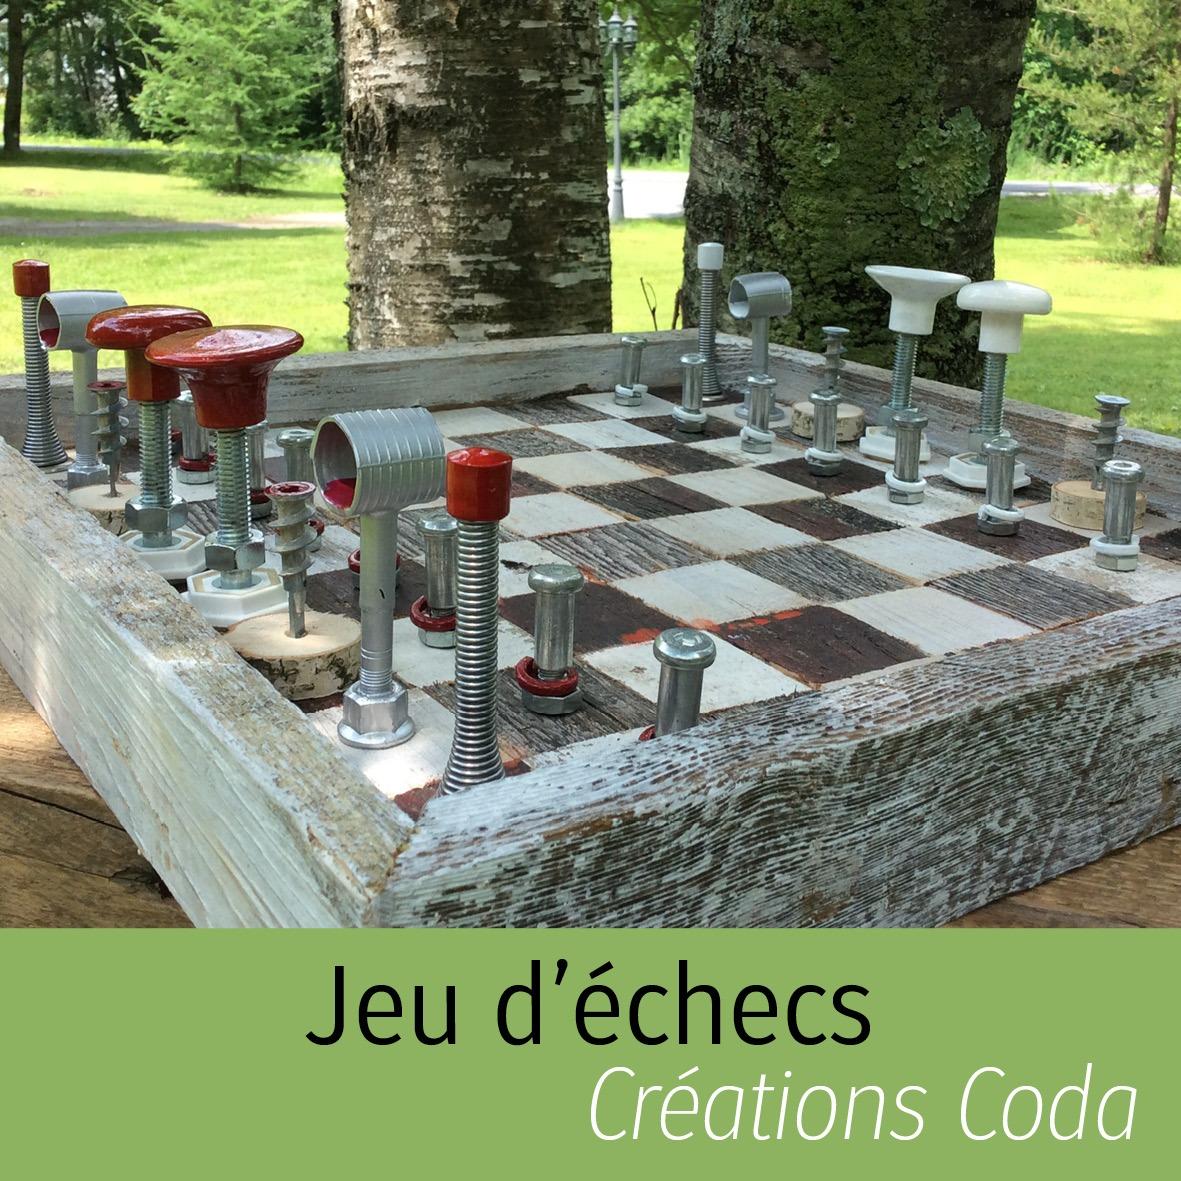 Jeu d'échecs Créations Coda